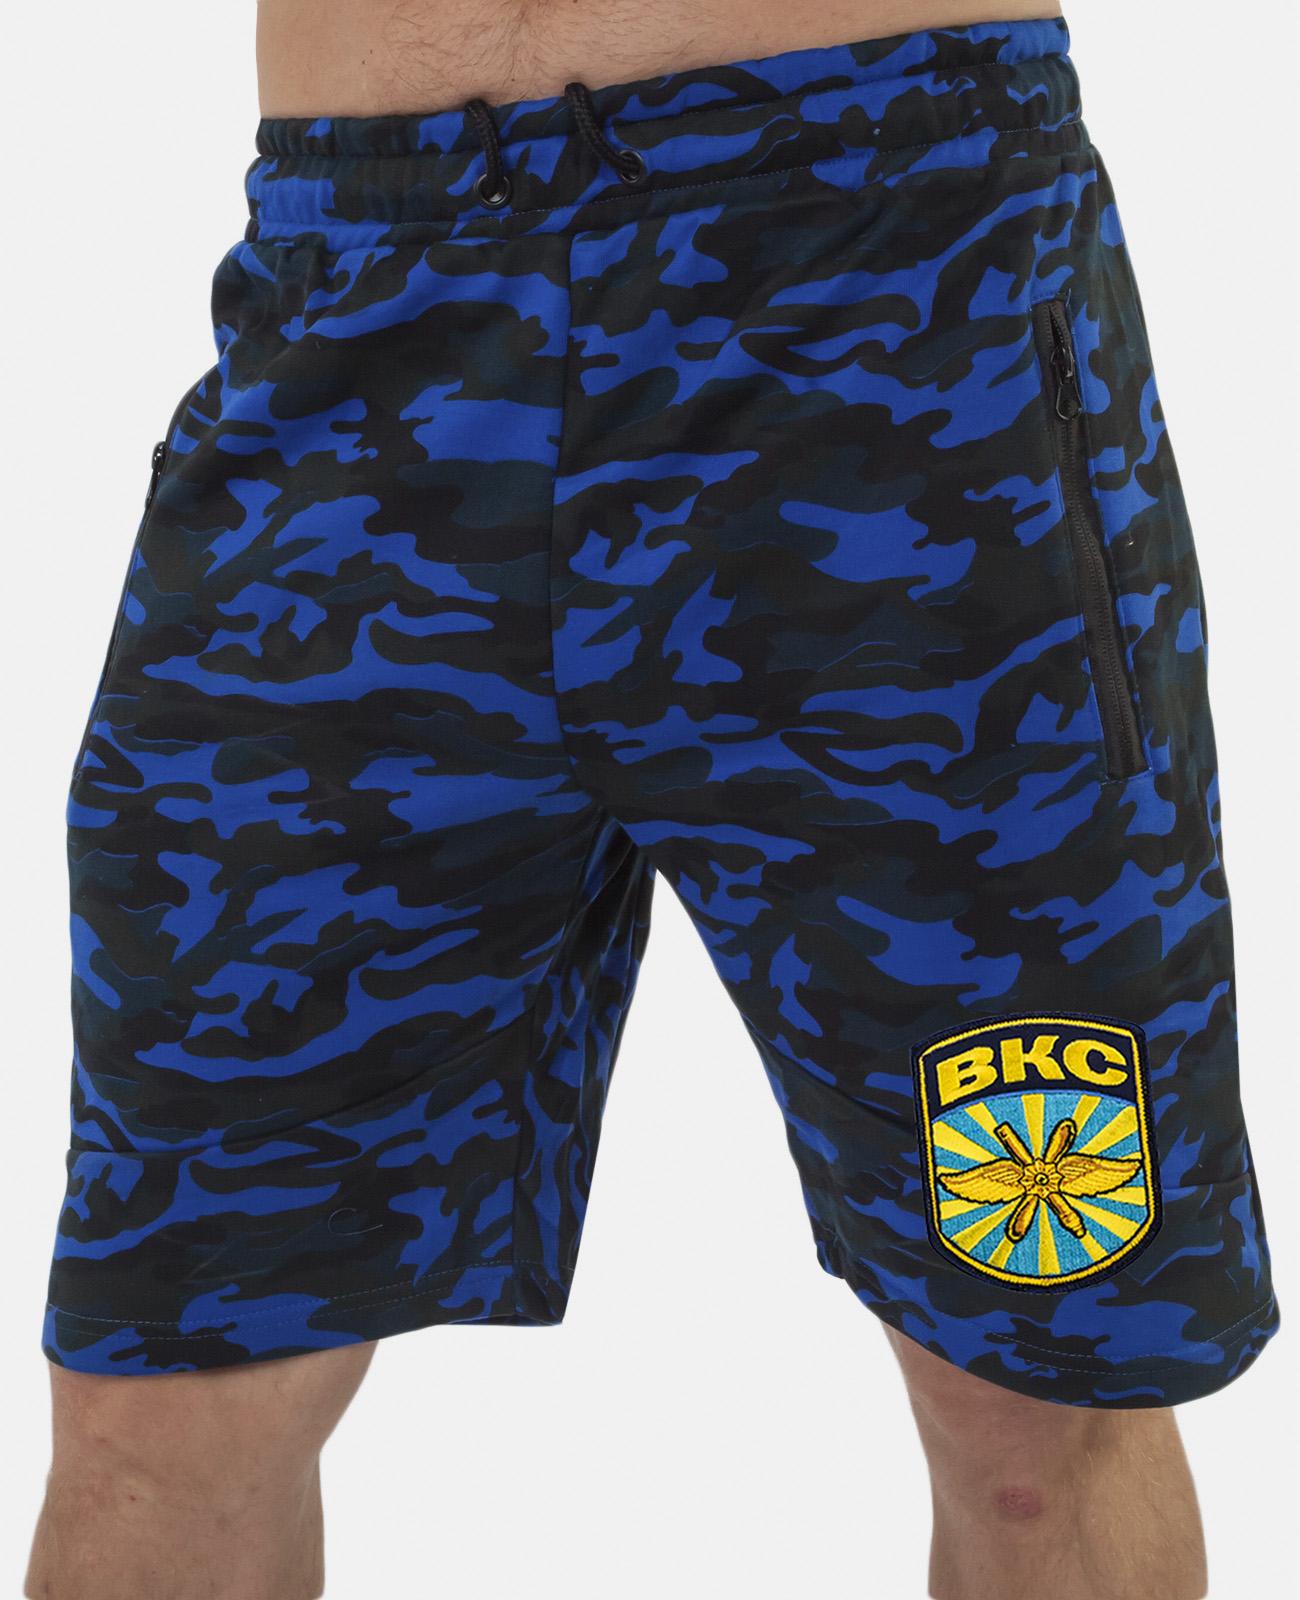 Купить особенные милитари шорты с нашивкой ВКС в подарок мужчине